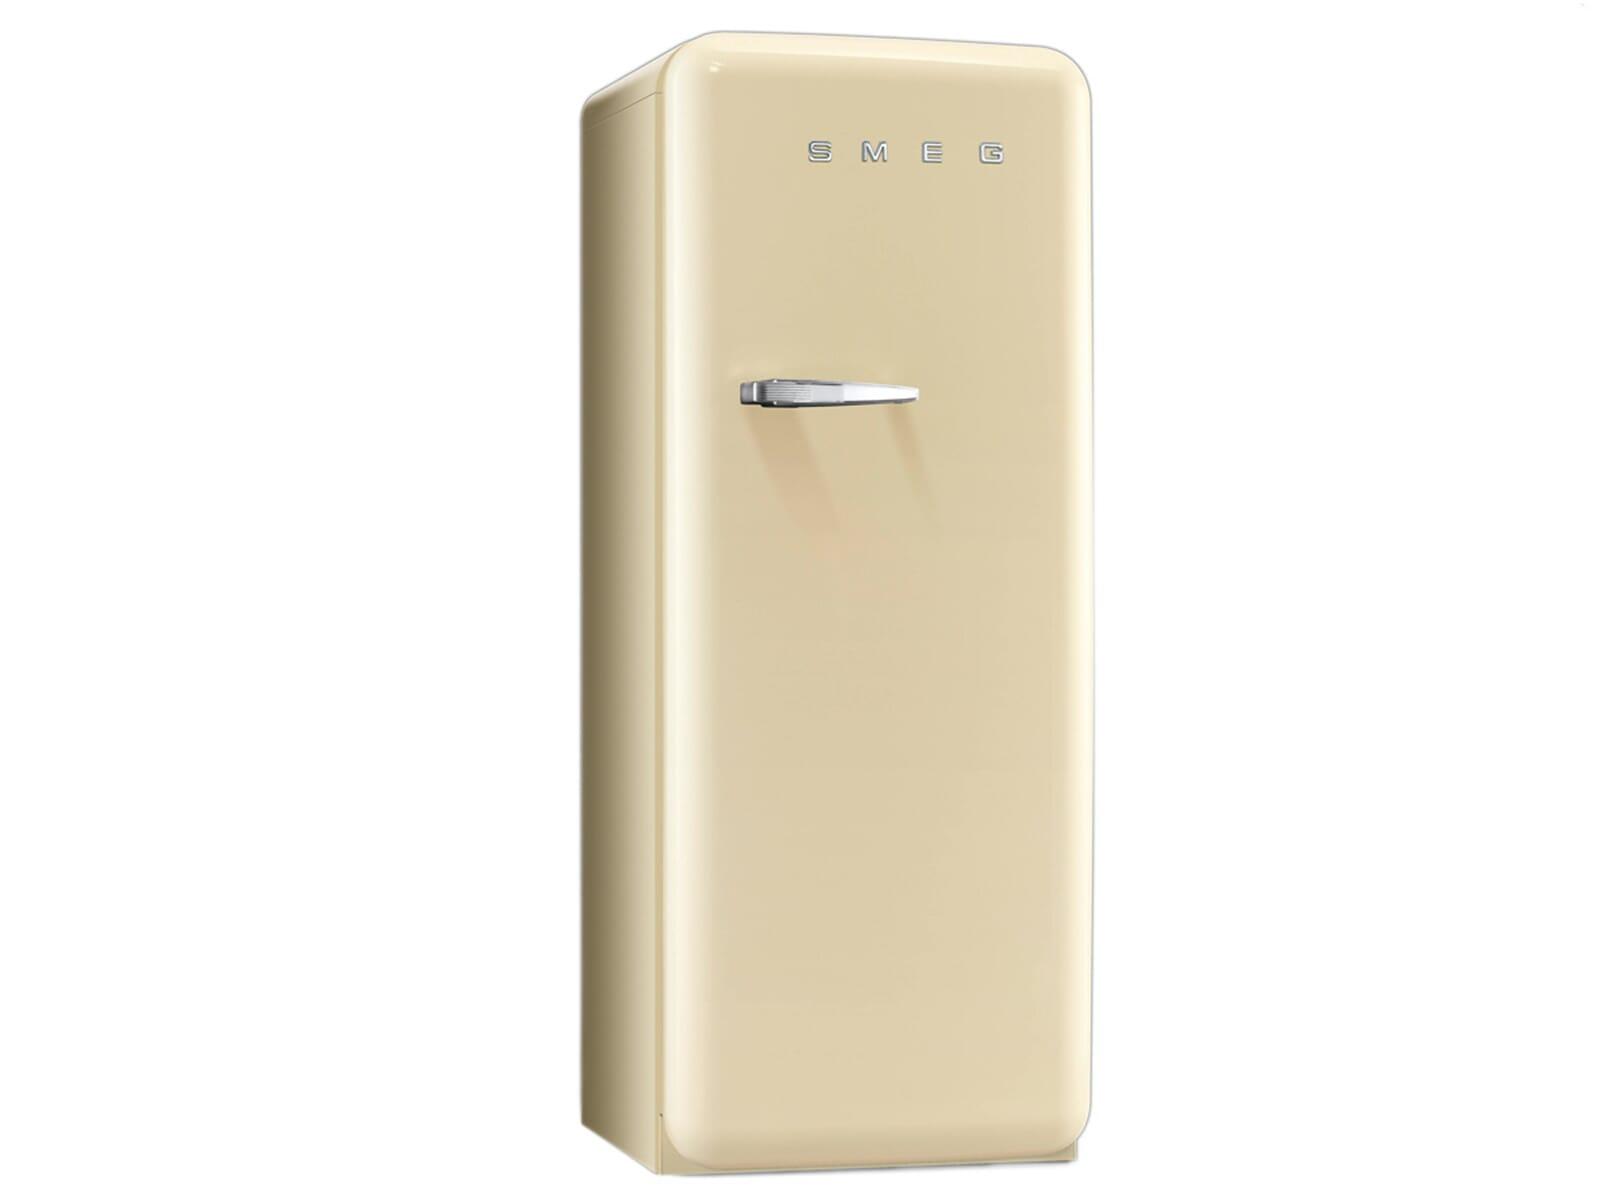 Amerikanischer Kühlschrank Smeg : Smeg cvb rp standgefrierschrank creme